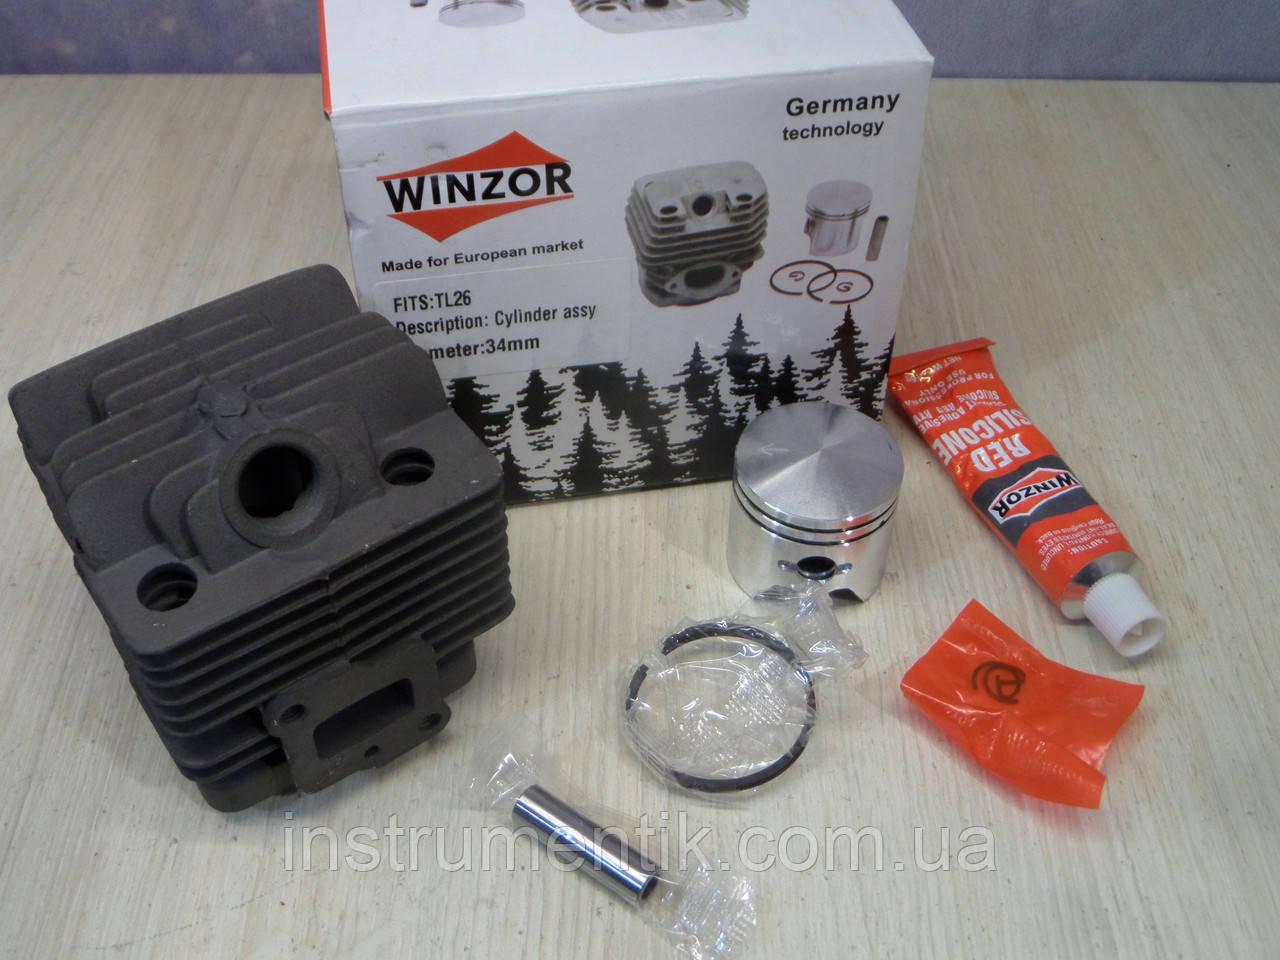 Циліндр і поршень Winzor для мотокіс 34 мм